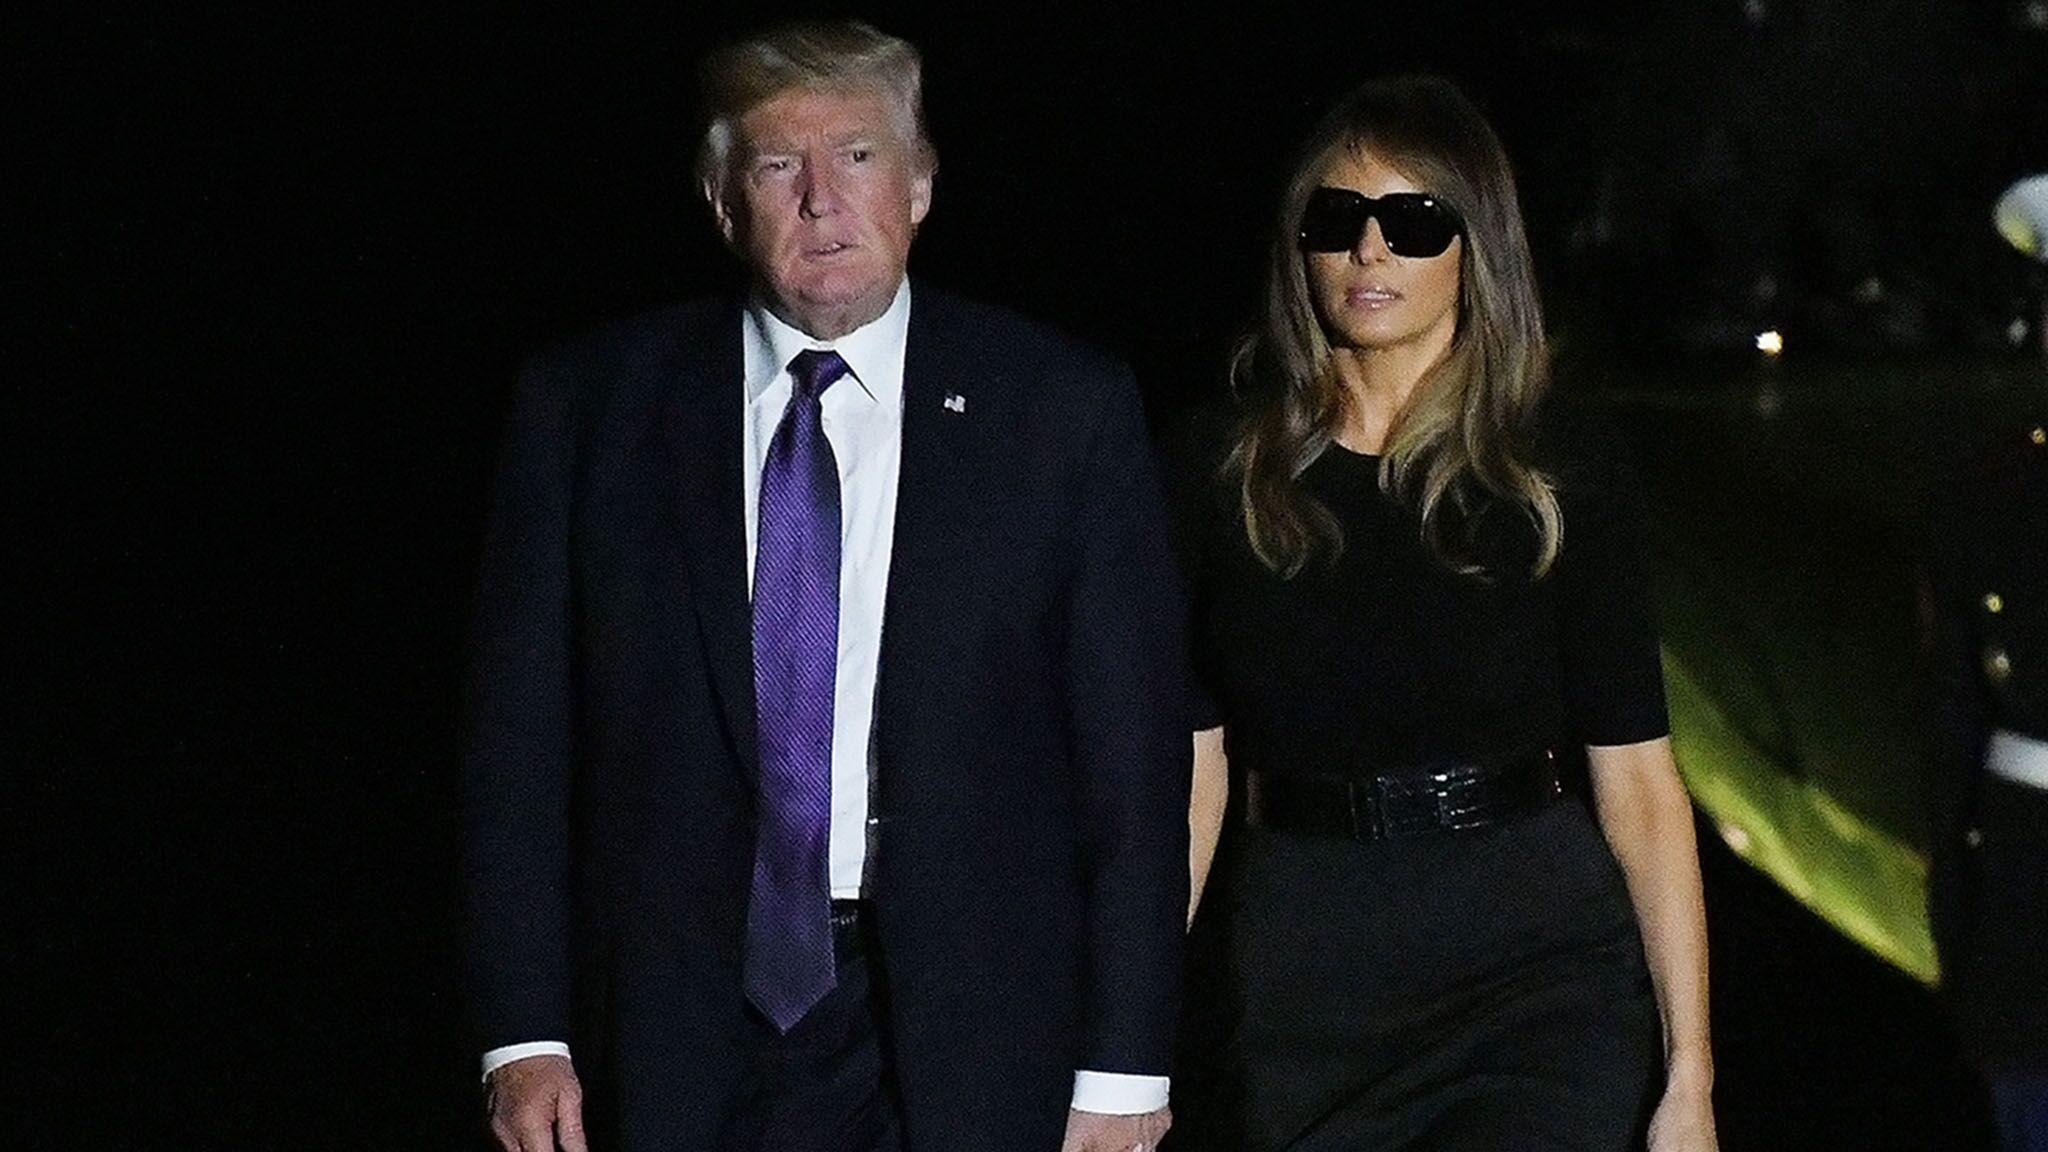 d5c412002db176 PHOTOS Melania Trump   son look lunettes de soleil en pleine nuit fait bien  rire les internautes - Voici